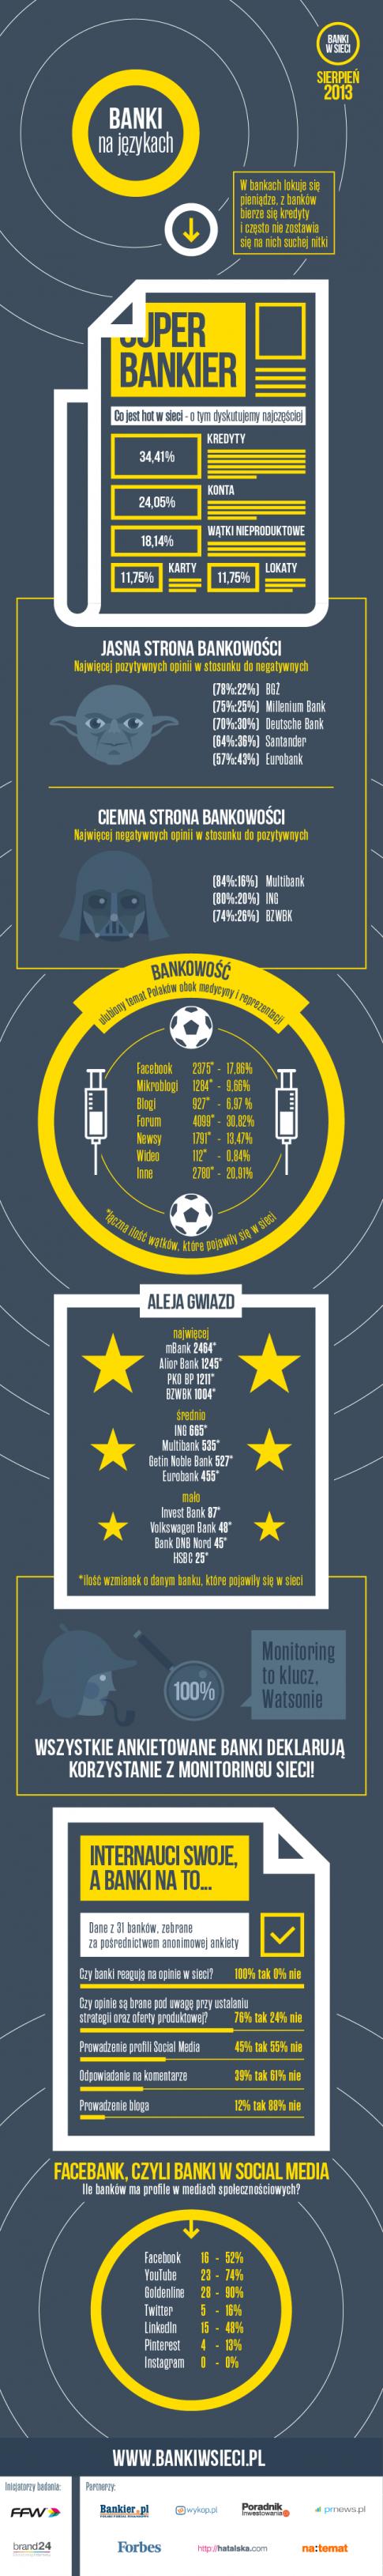 Banki w sieci infografika - ffw communication brand24